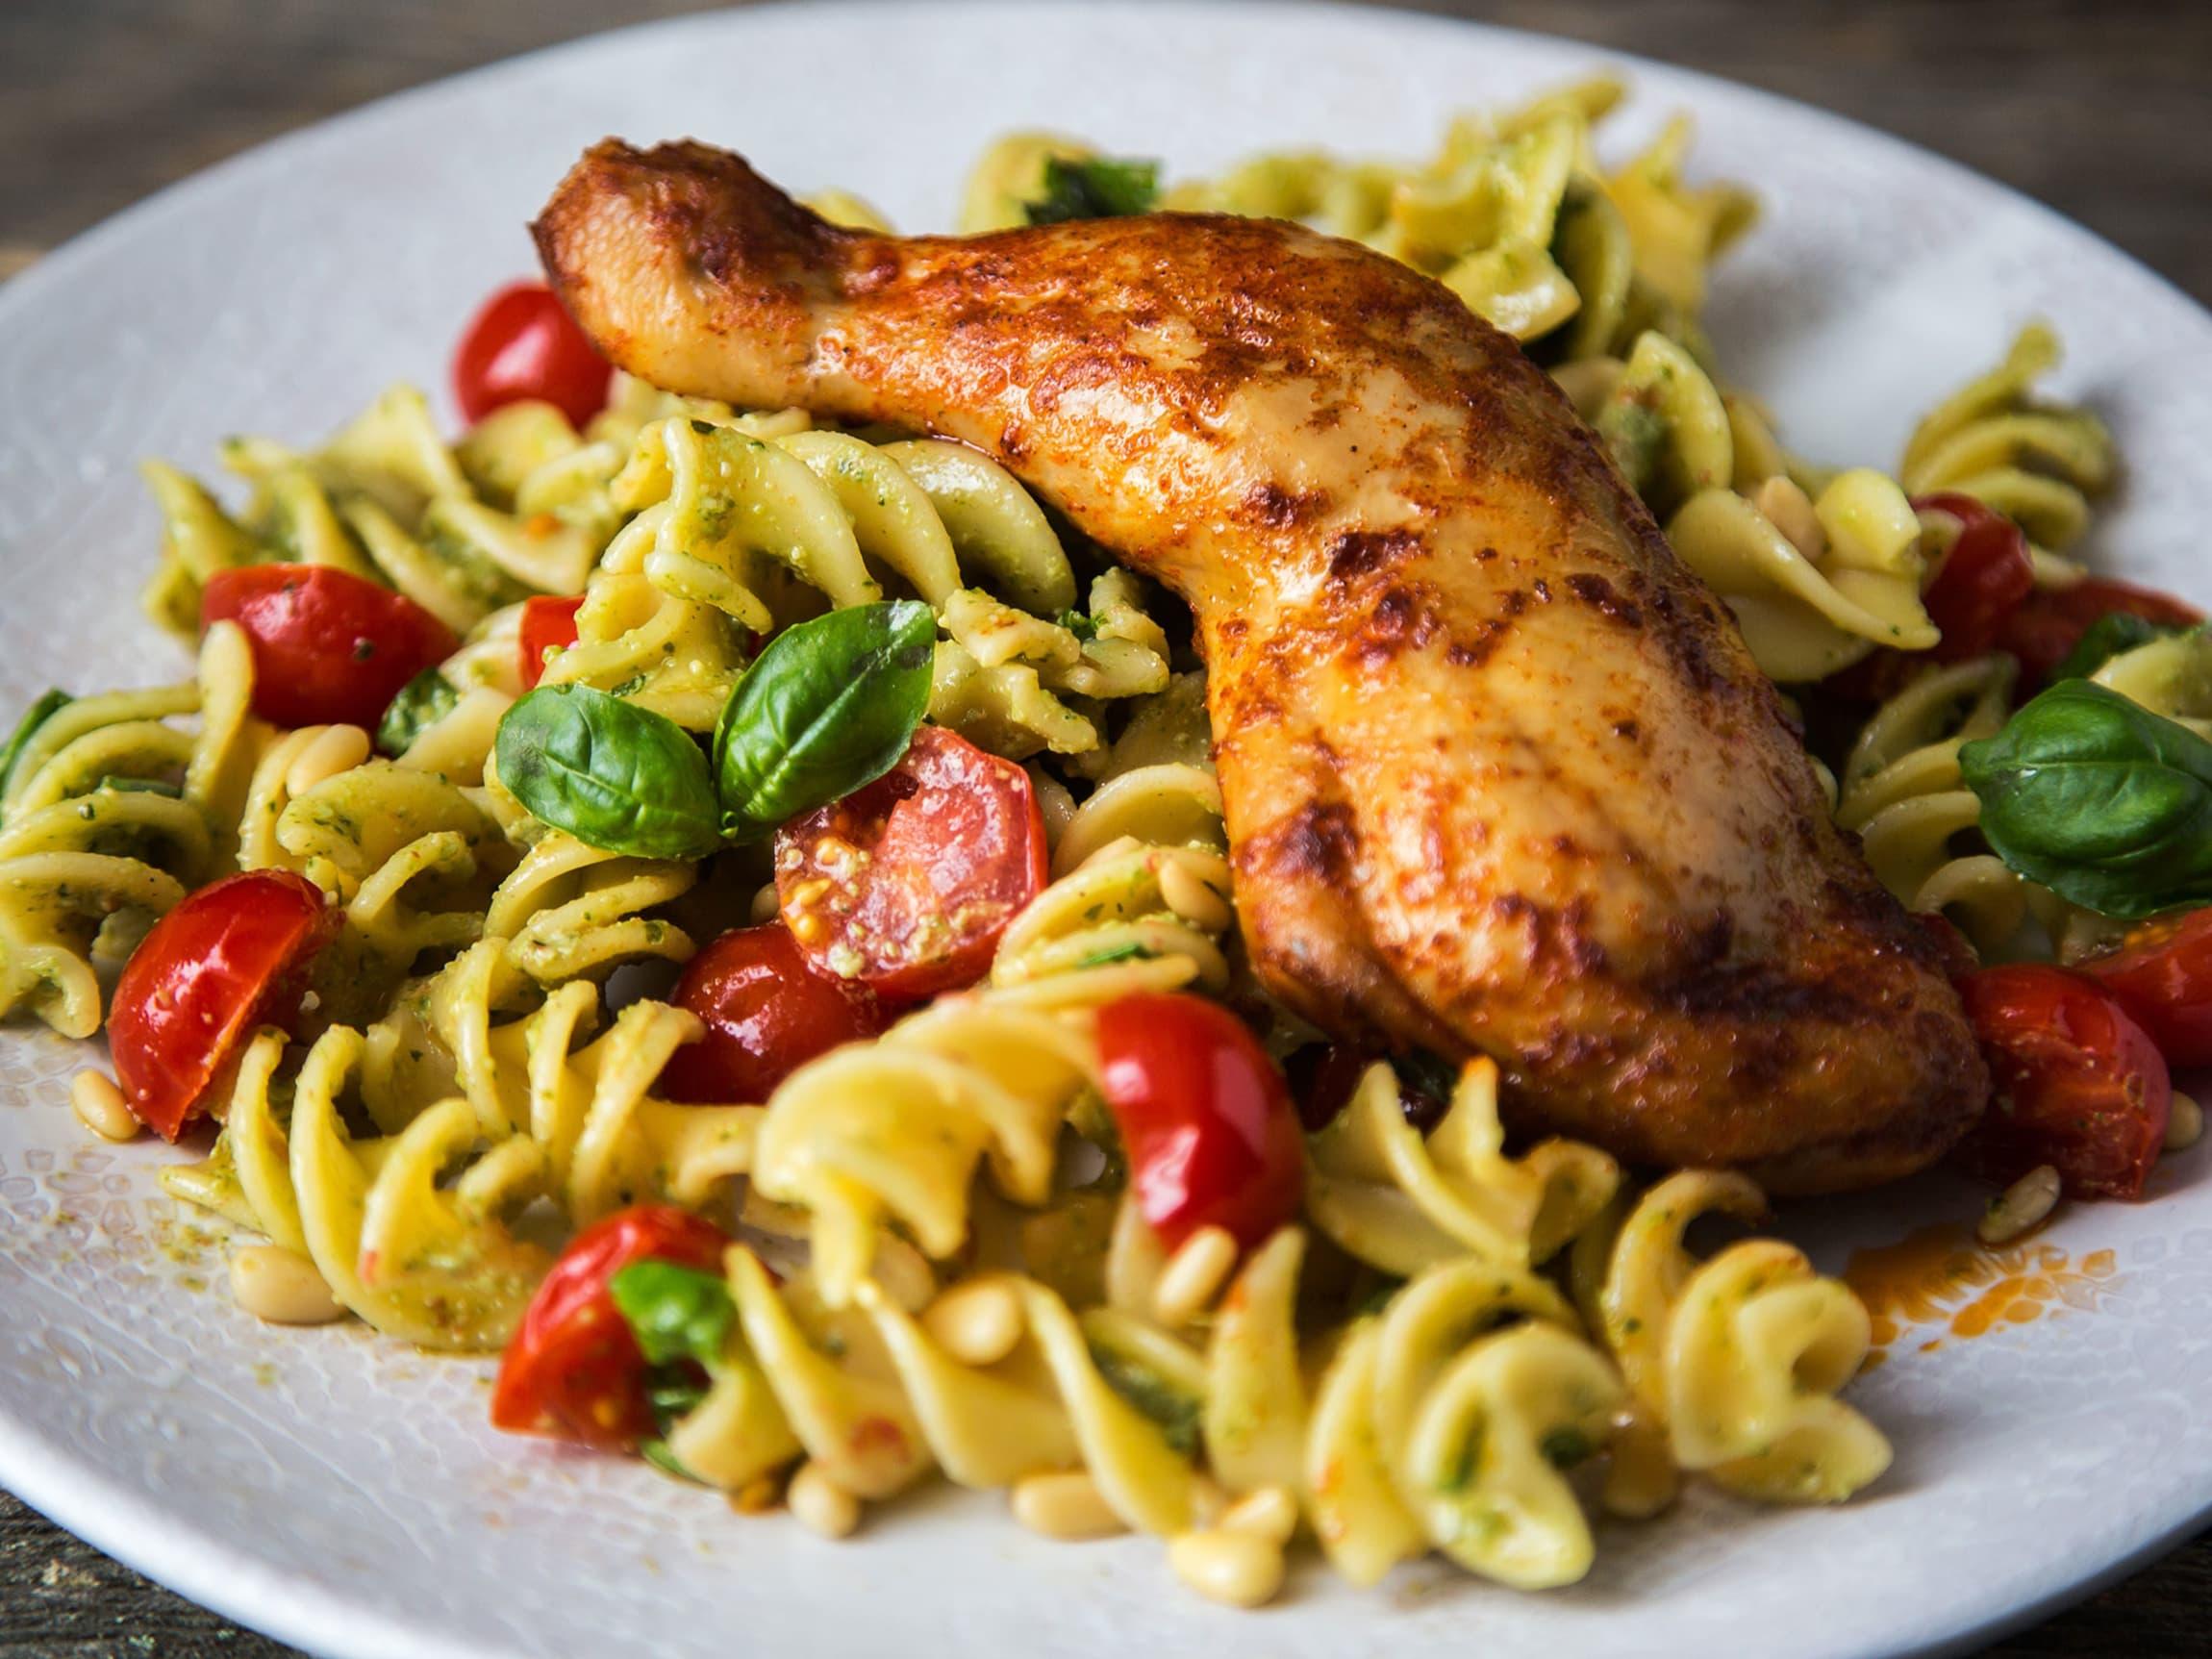 Rester av pasta og grønnsaker blir en deilig pastasalat, sammen med nygrillet kyllinglår fra varmeskapet hos MENY